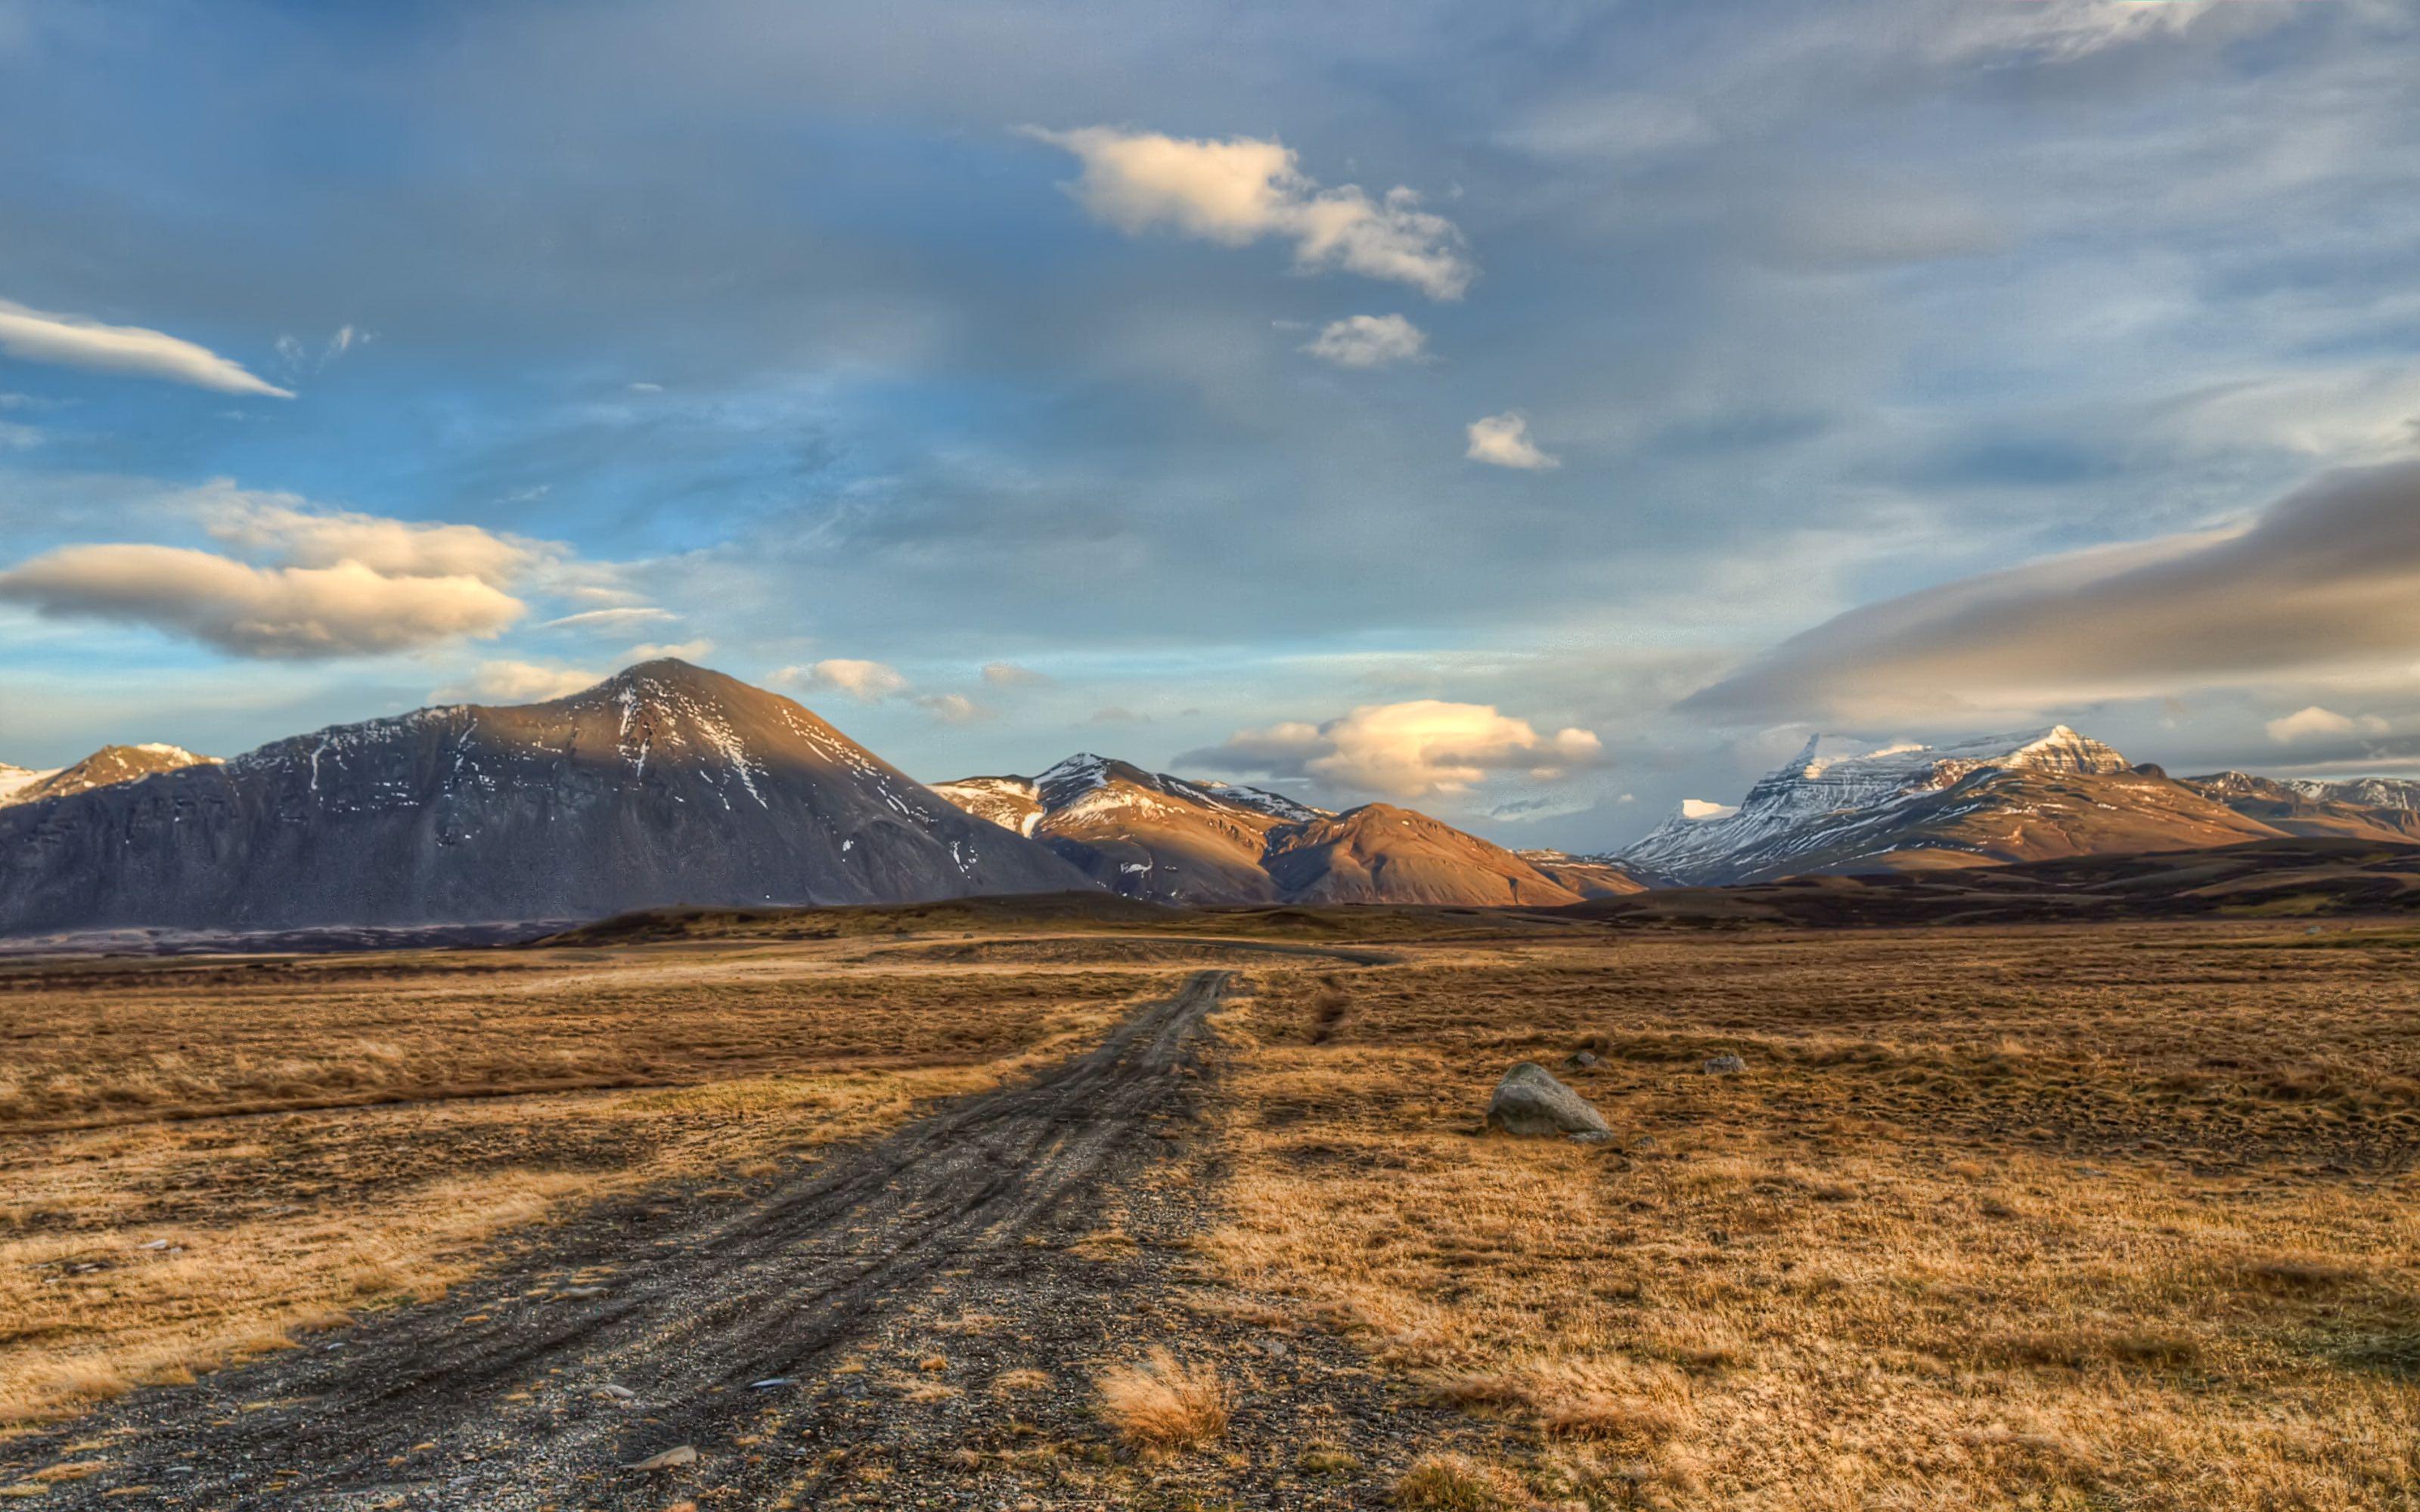 在变换多端的地形上,途中的风景亦是多变